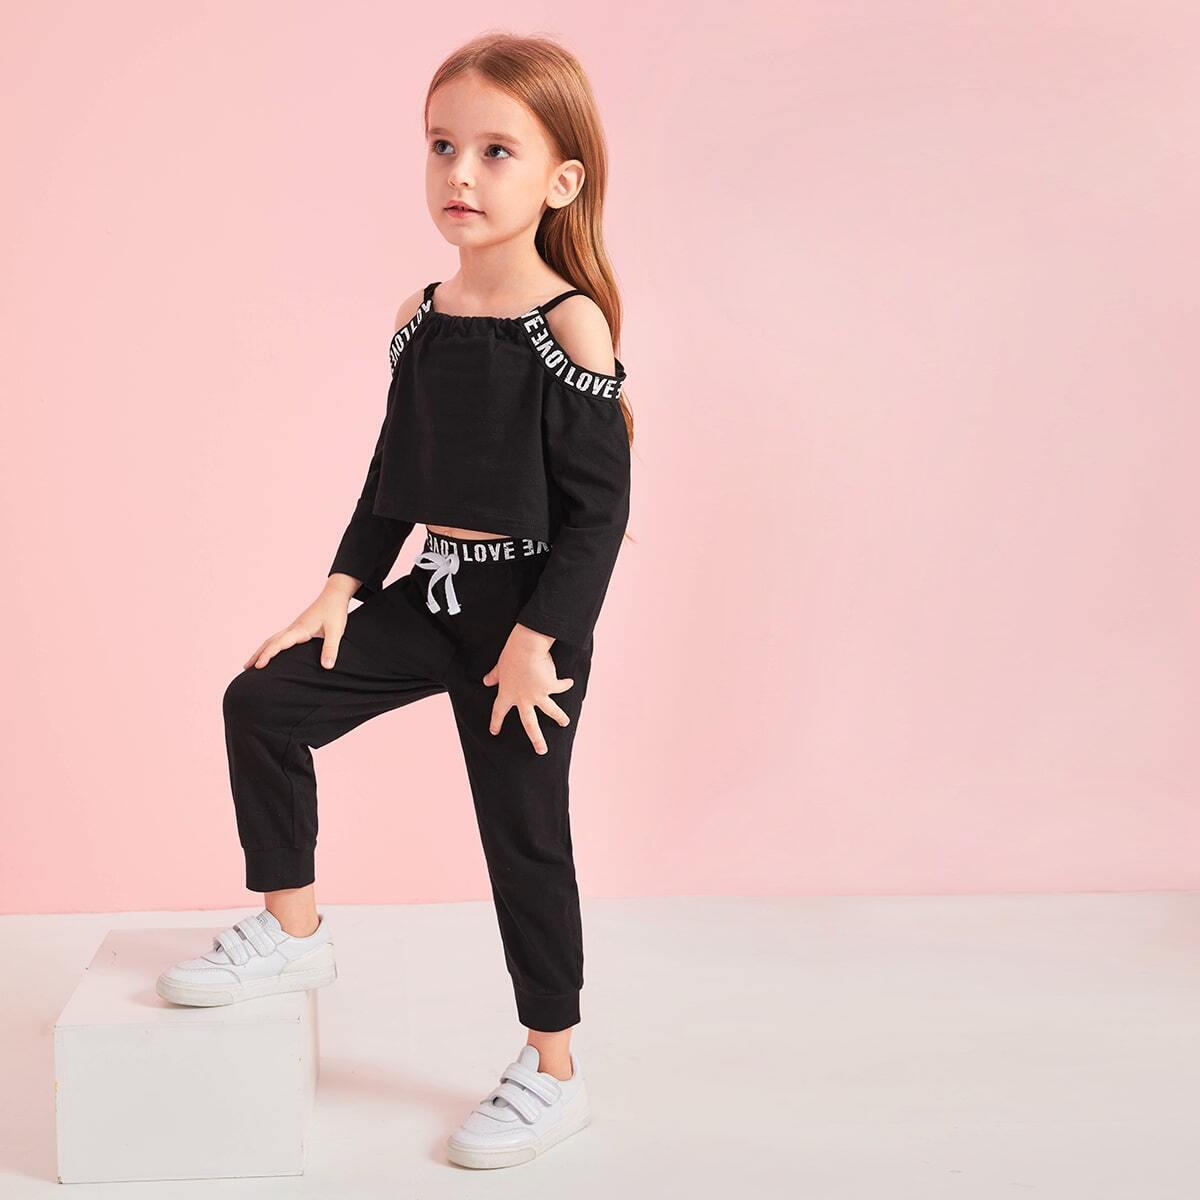 Спортивные брюки и футболка с открытыми плечами и текстовой лентой для девочек от SHEIN